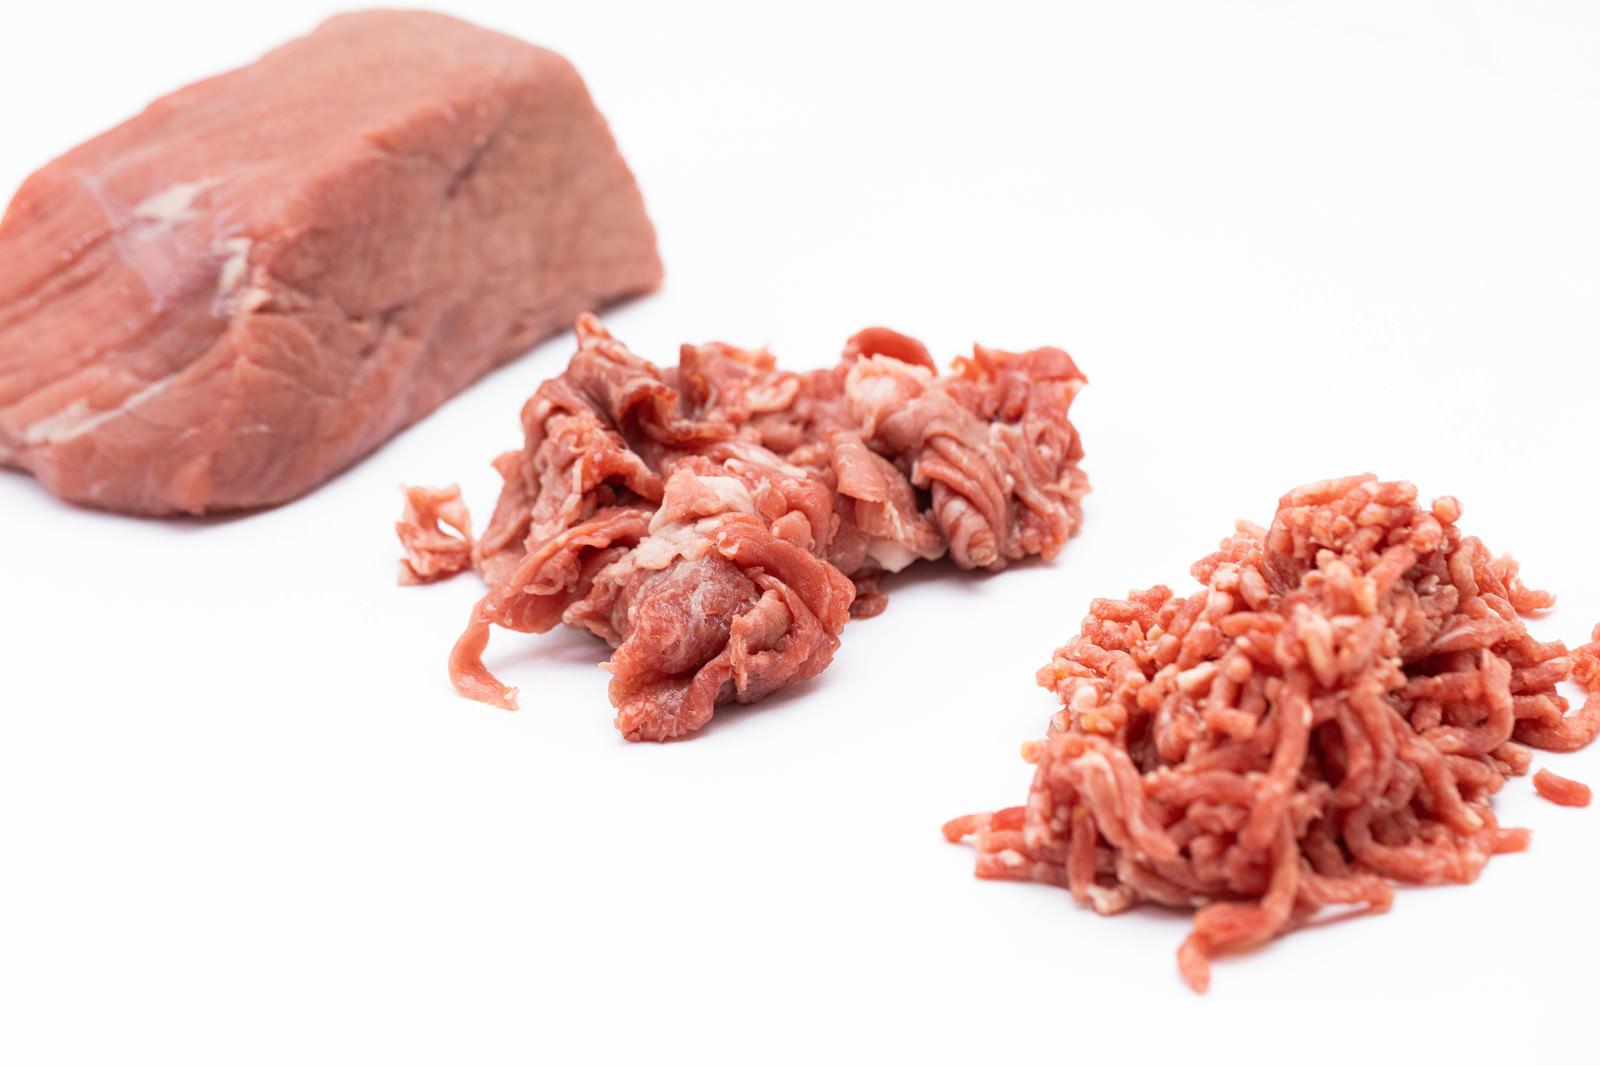 「ブロック肉が細切れになる過程」の写真